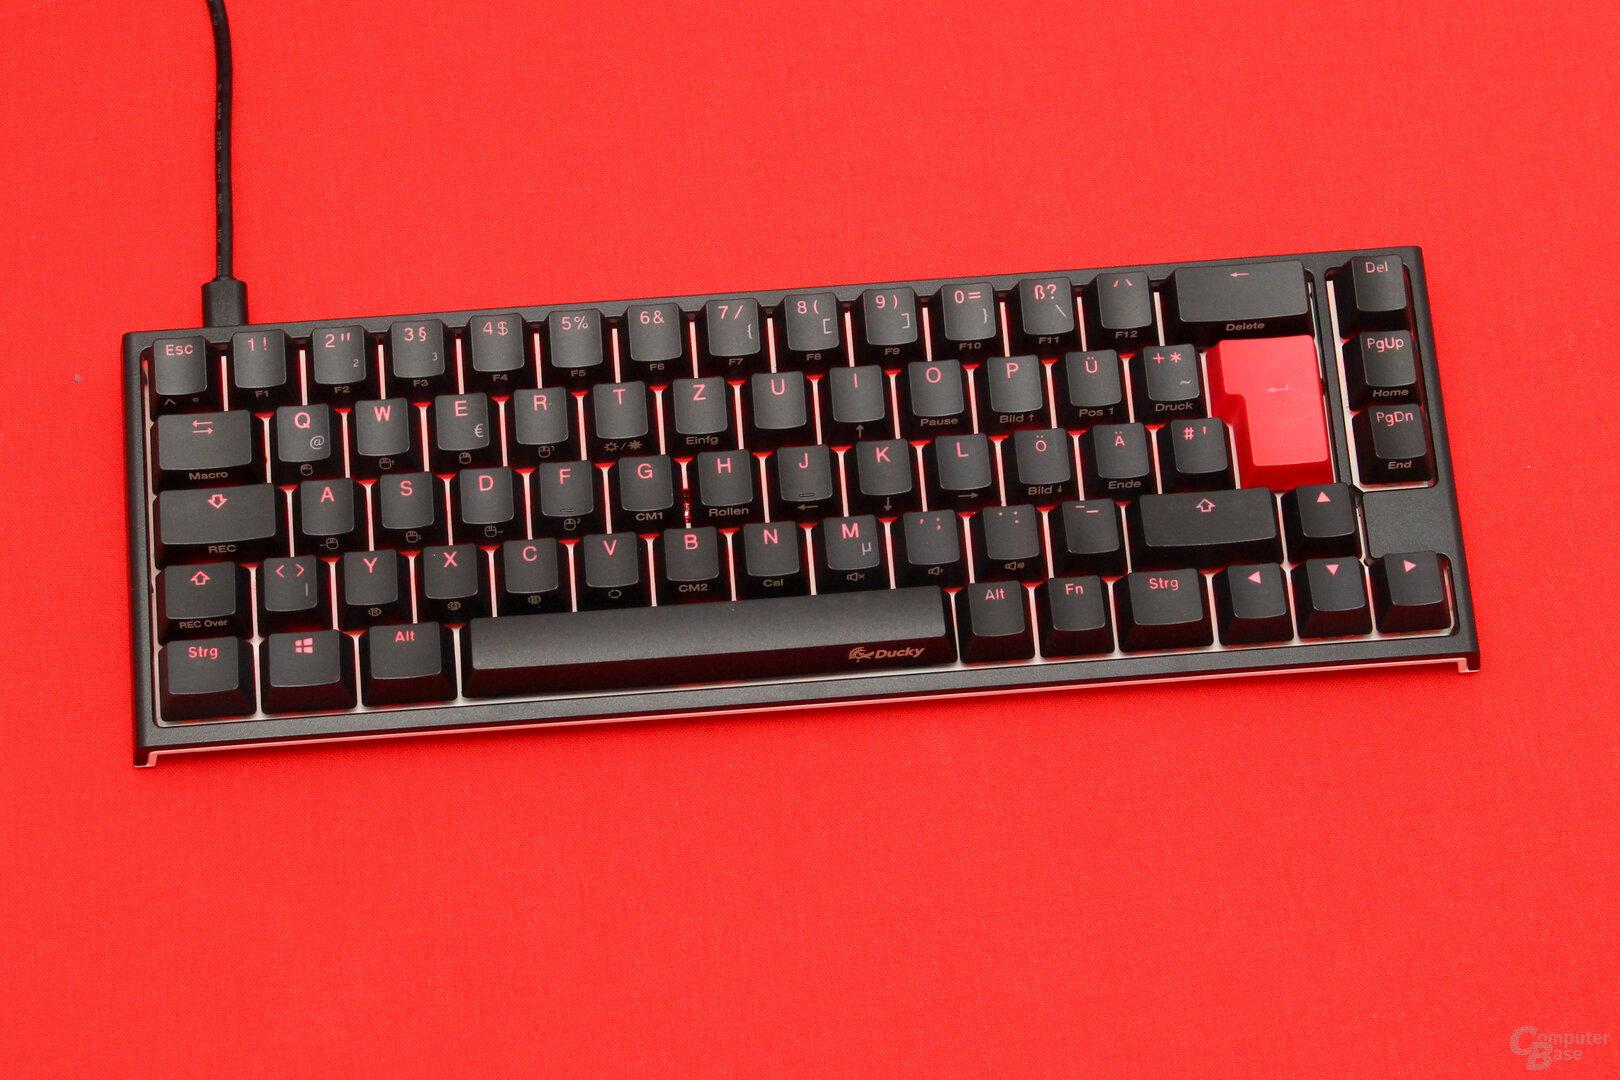 Durch geschickt platzierte Beschriftung und MX-RGB-Taster überzeugt die Ausleuchtung